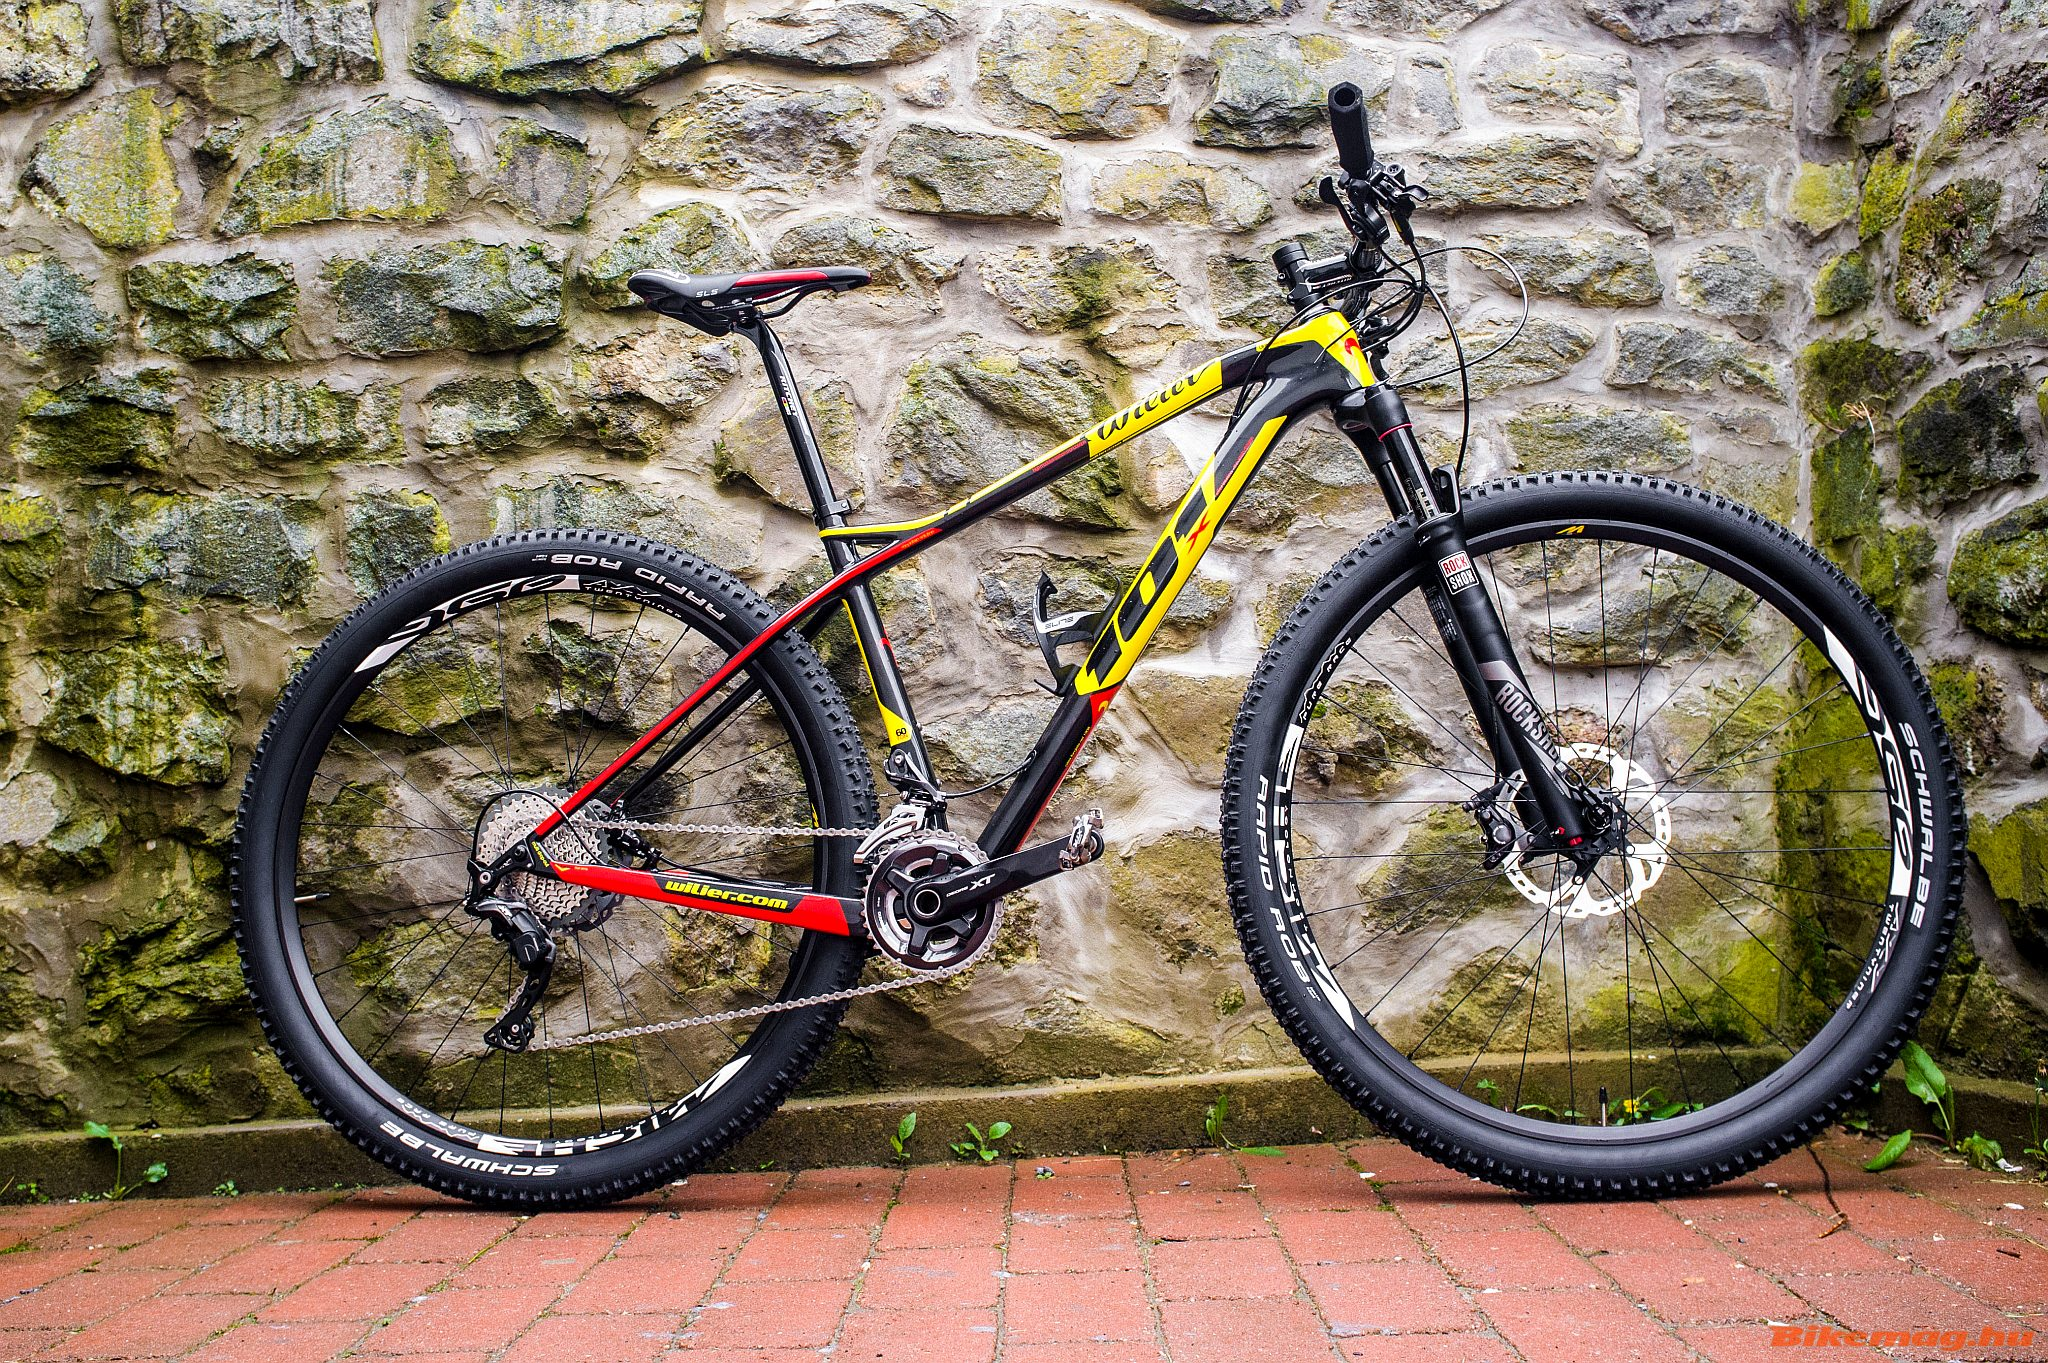 Wilier 101x: Stílusos, versenyzésre is bevethető mountain bike, sportos geometriával, jó menettulajdonságokat adó vázzal, ésszel válogatott alkatrészekkel, ezen a szinten jó ár/érték aránnyal. Ára: 1 159 900 Ft